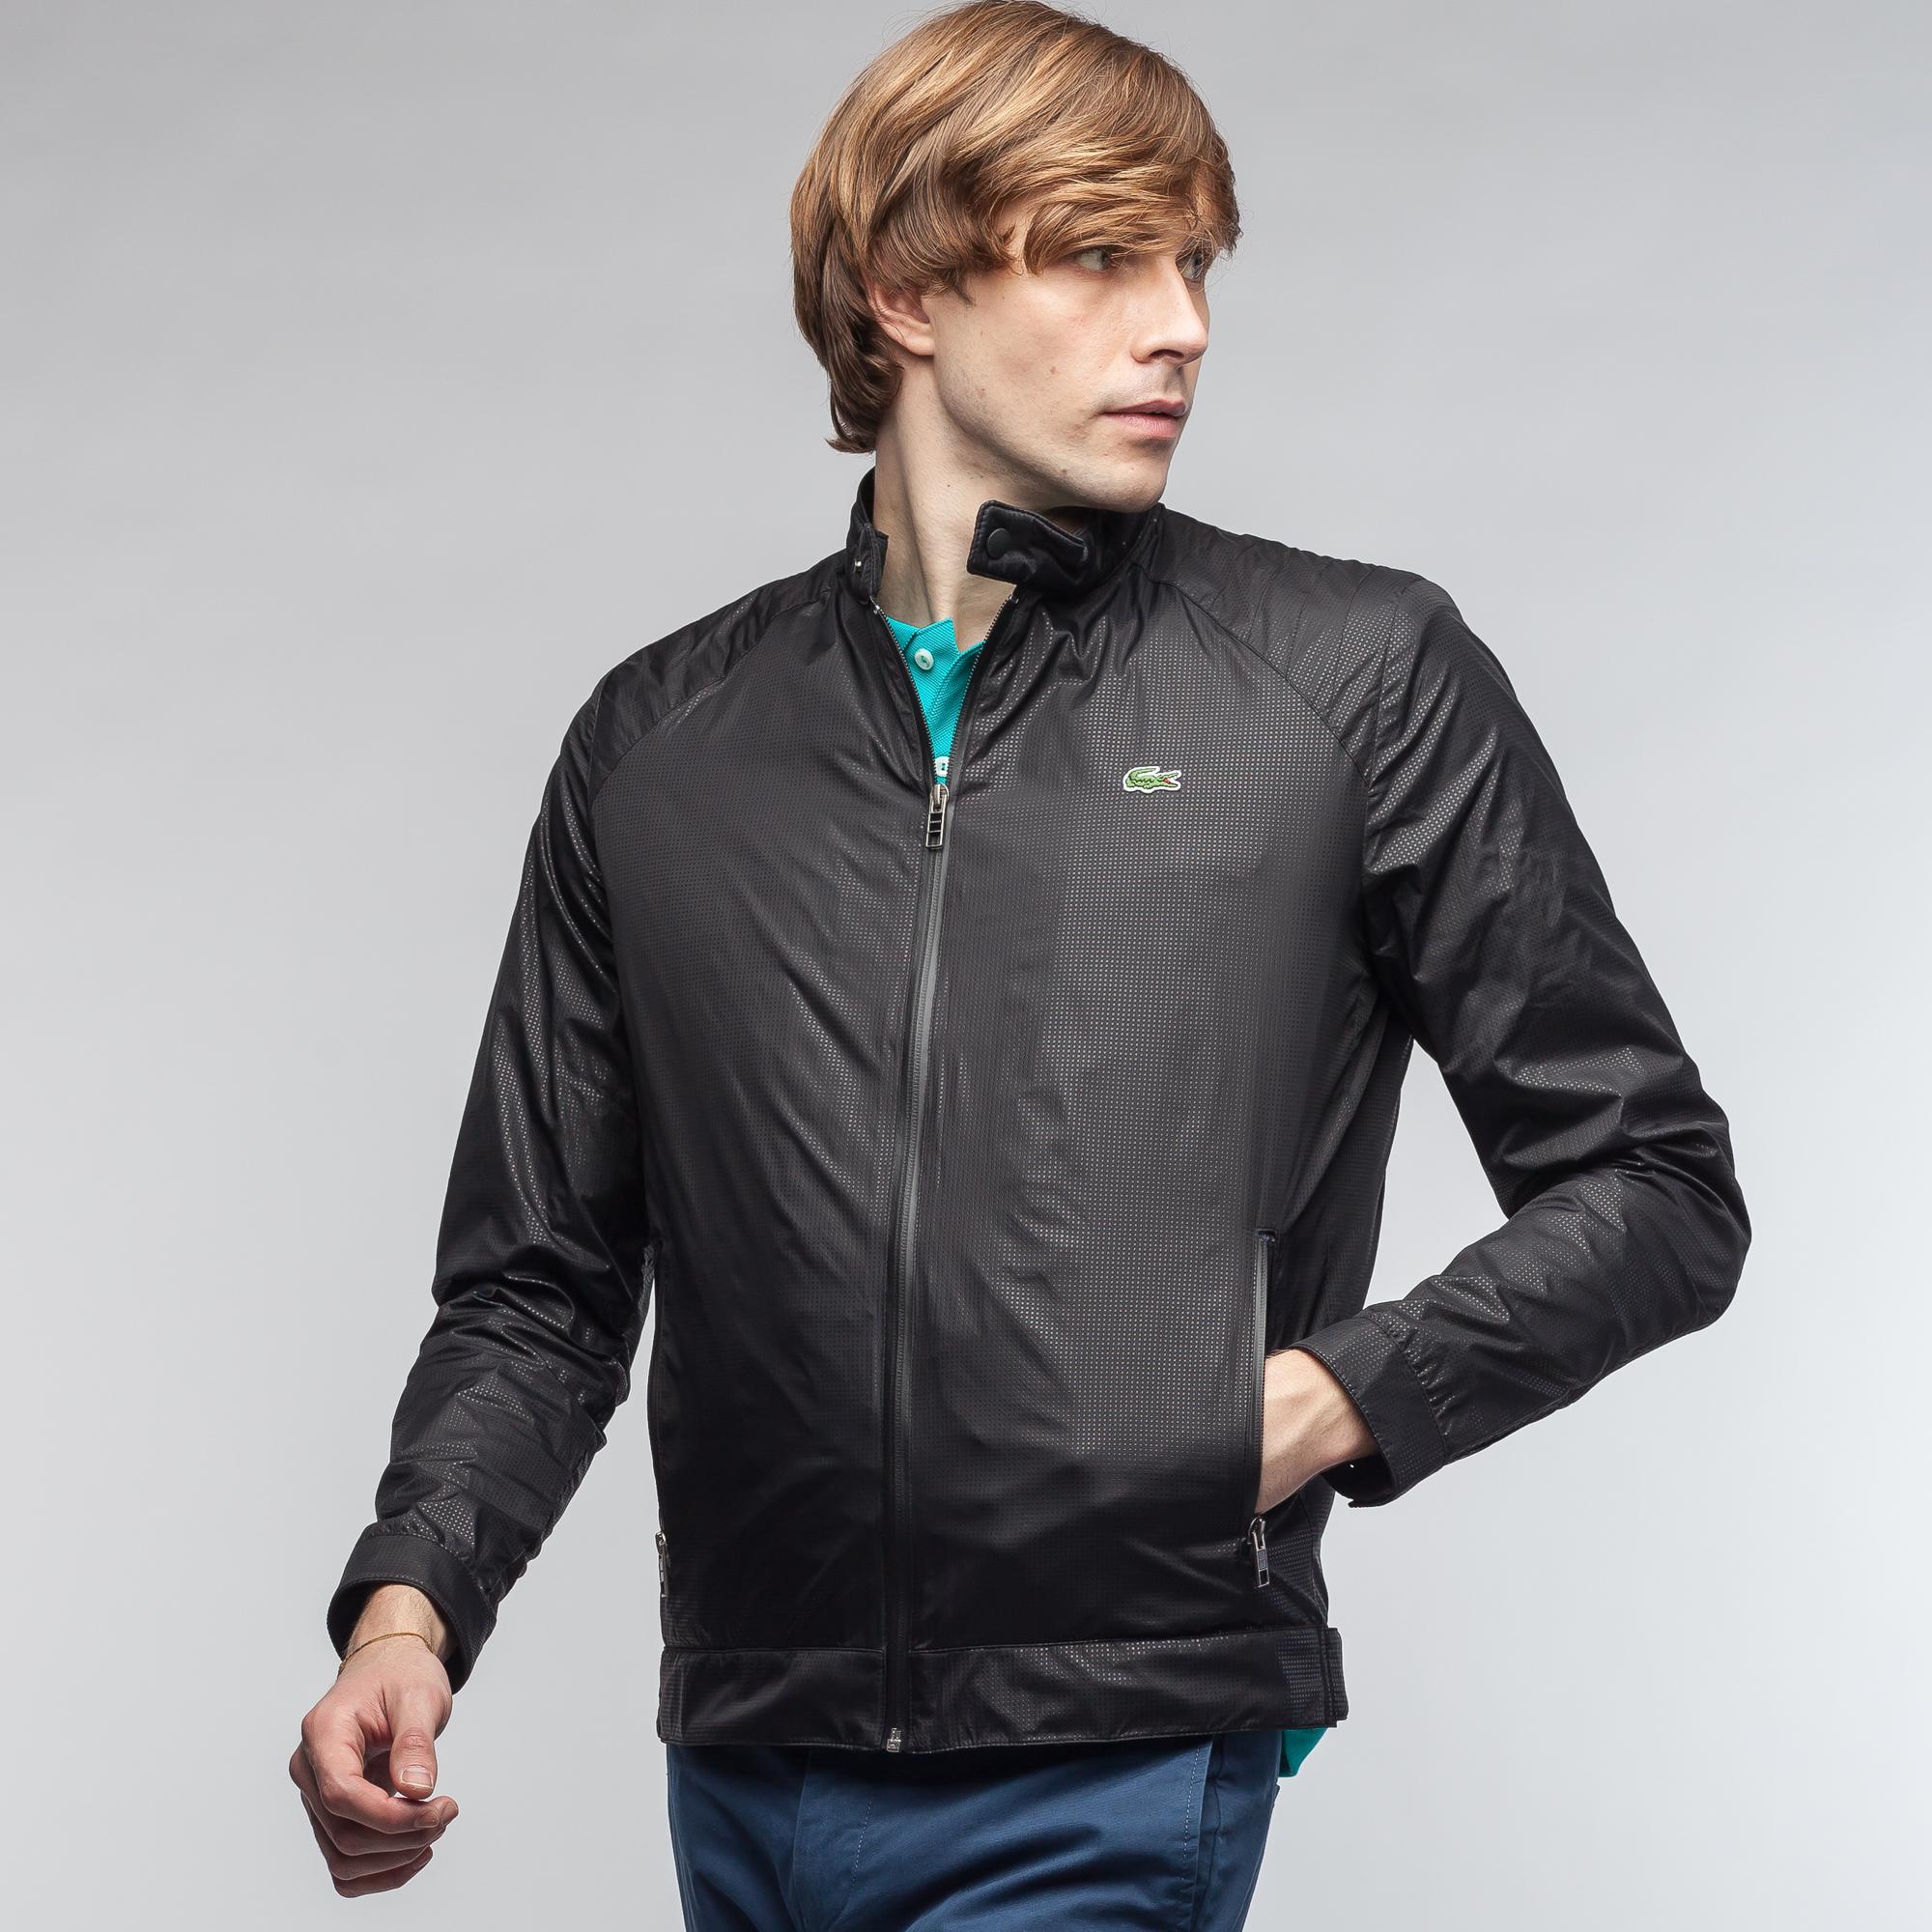 Куртка LacosteВерхняя одежда<br>Детали: стильная мужская куртка с карманами без капюшона  \ Материал: 100% полиамид \ Страна производства: Польша